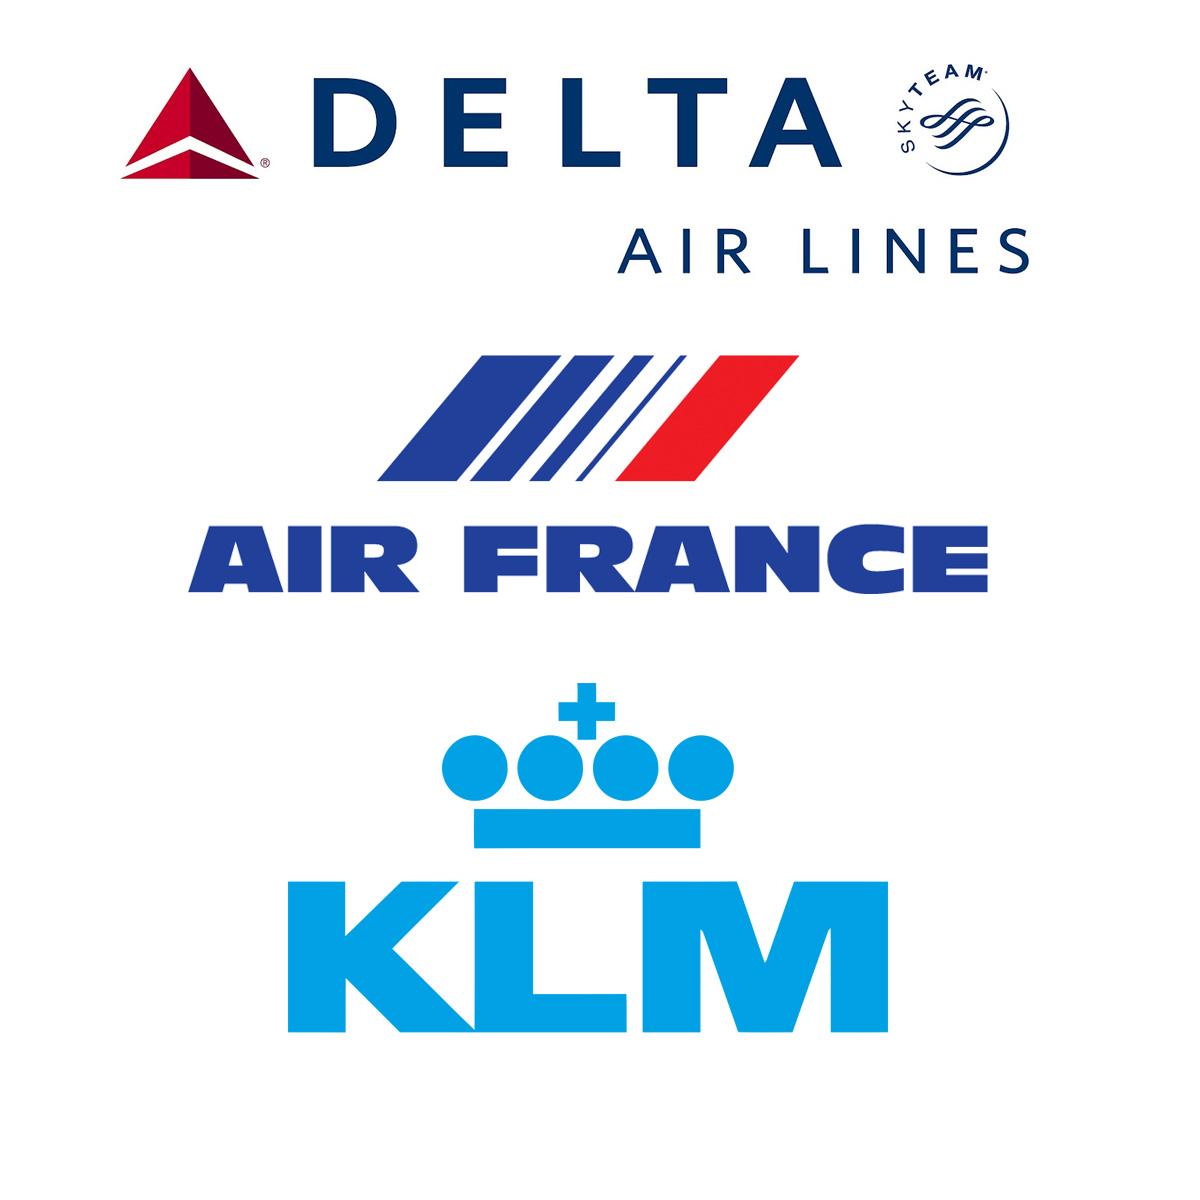 Vluchten - We nemen pas een paar dagen van te voren een besluit over de bestemming over de vlucht. Hierdoor zijn de prijzen doorgaans hoger. We verwachten een opslag van €100 tot €500 op de normale ticketprijzen van €400 - €800.We reizen zoveel mogelijk met gerenommeerde luchtvaartmaatschappijen zoals KLM, AirFrance & Delta van SkyTeam.Hieronder staan enkele voorbeelden van vluchten voor september 2018. Vliegtuigmaatschappijen kunnen hier veranderingen in aanbrengen. De genoemde tijden zijn derhalve ter indicatie. Onze werkelijke vluchten kunnen met een andere vliegtuigmaatschappij zijn en/of met andere (of meer) tussenstops. Een vertrek vanaf een andere luchthaven zoals Düsseldorf is mogelijk als dat een betere aansluiting en reistijd oplevert.(voorbeelden)Amsterdam-MiamiHeenreis dag 1: 10:35-17:20 AirFrance via ParijsTerugreis dag 8/9:19:40-13:00 AirFrance via ParijsAmsterdam-Santiago(Dominicaanse republiek)Heenreis dag 1:14:30-22:53 Delta via New YorkTerugreis dag 8/9:13:25-13:25 Delta via New York & MinneapolisAmsterdam-Manilla (Filipijnen)Heenreis dag 1/2:17:00-15:25 KLM via Hong KongTerugreis dag 9:07:55-18:20 KLM via Hong Kong